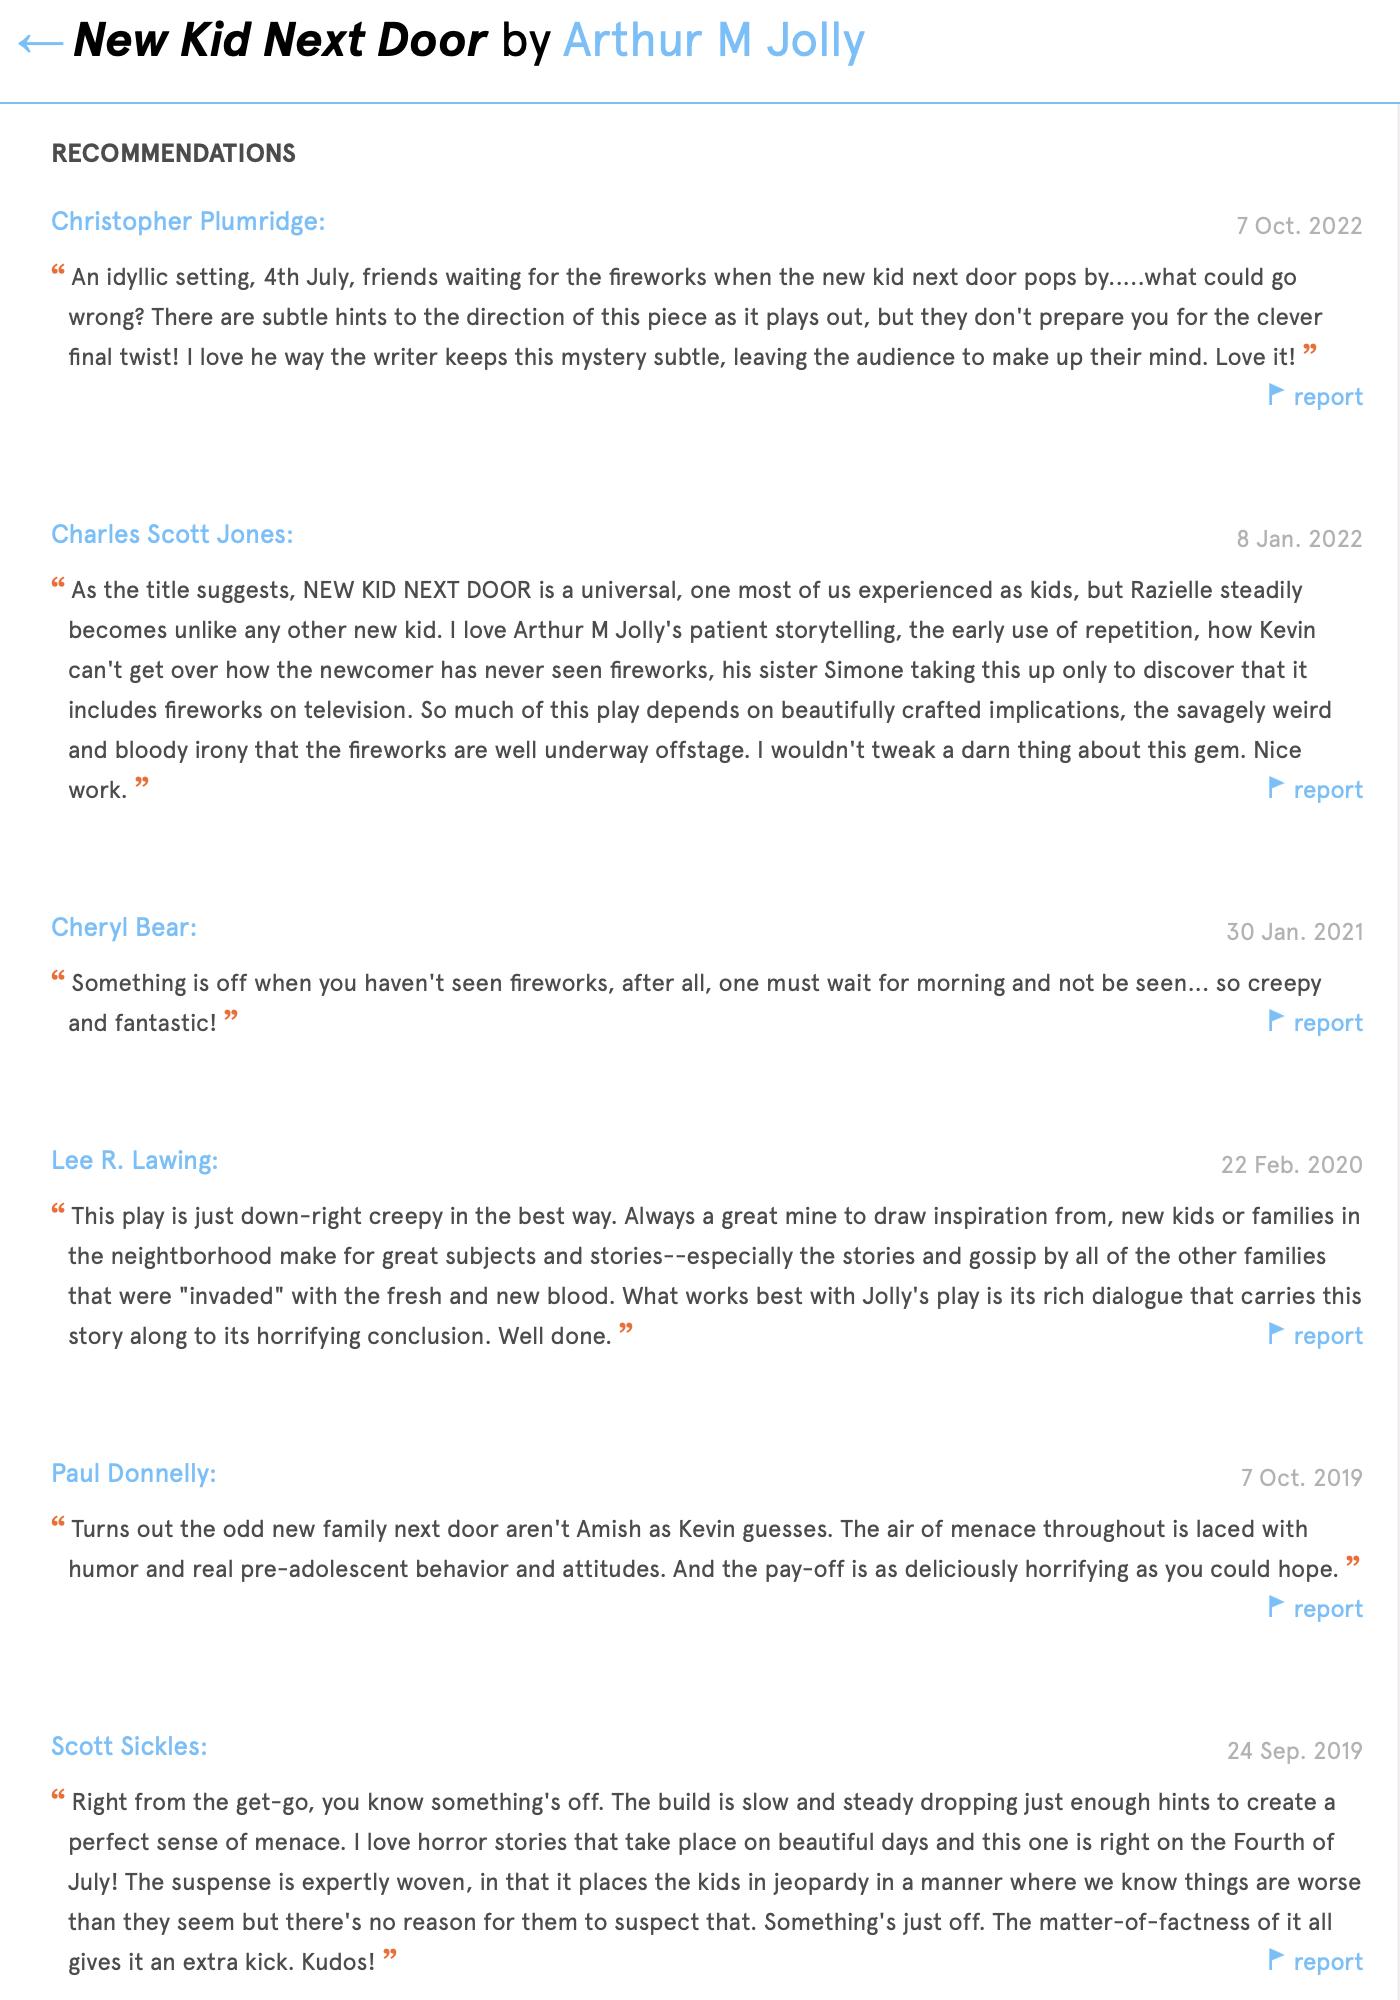 New Kid Next Door Reviews